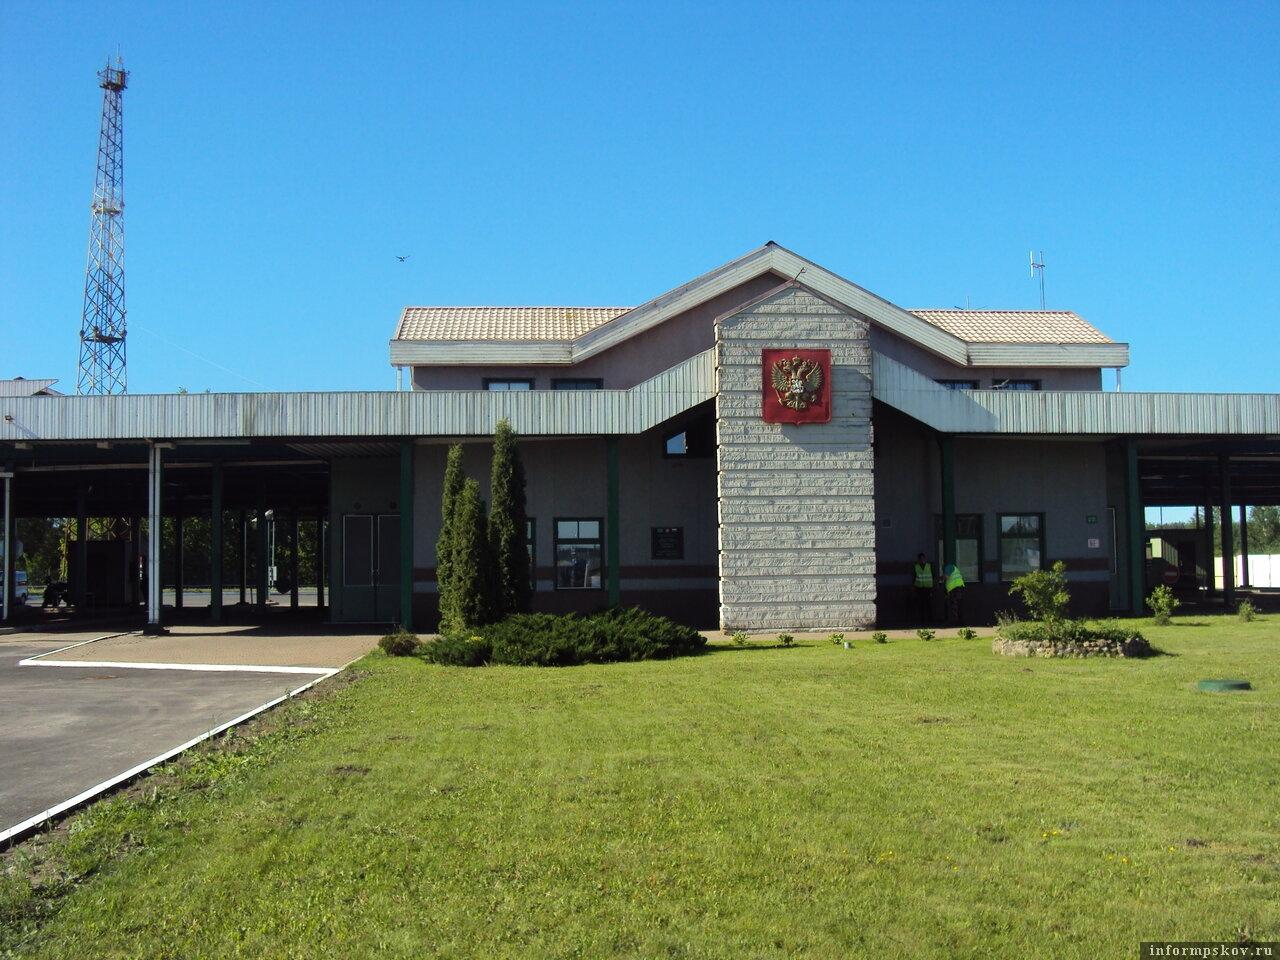 Автомобильный пункт пропуска Убылинка в Псковской области. Фото yandex.ru